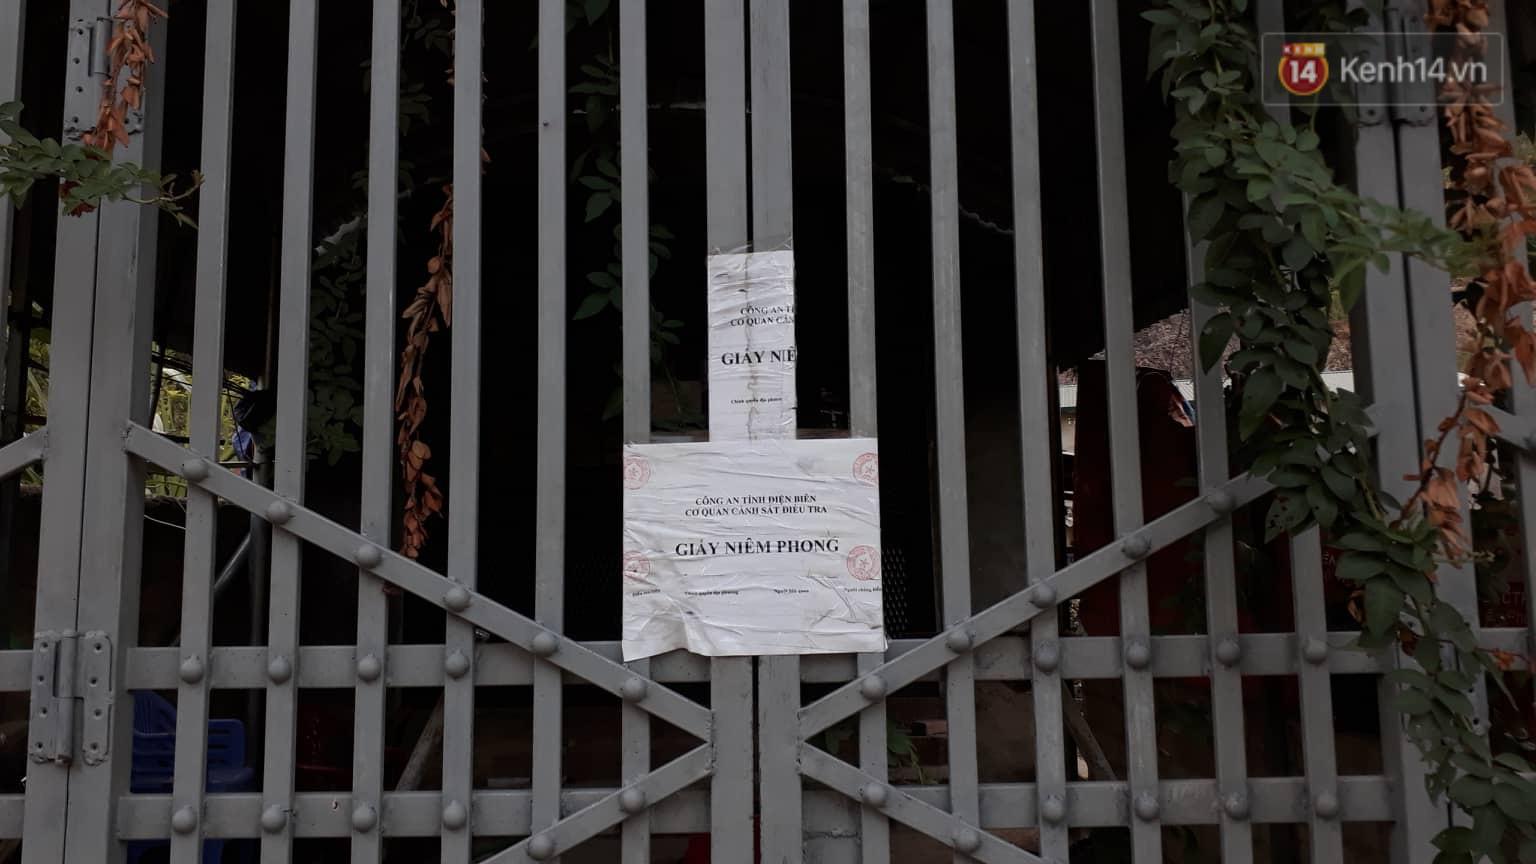 Vụ nữ sinh giao gà bị sát hại: Hàng xóm vẫn chưa hết bàng hoàng trước màn kịch xảo quyệt, che giấu tội ác cho chồng của Bùi Thị Kim Thu-1